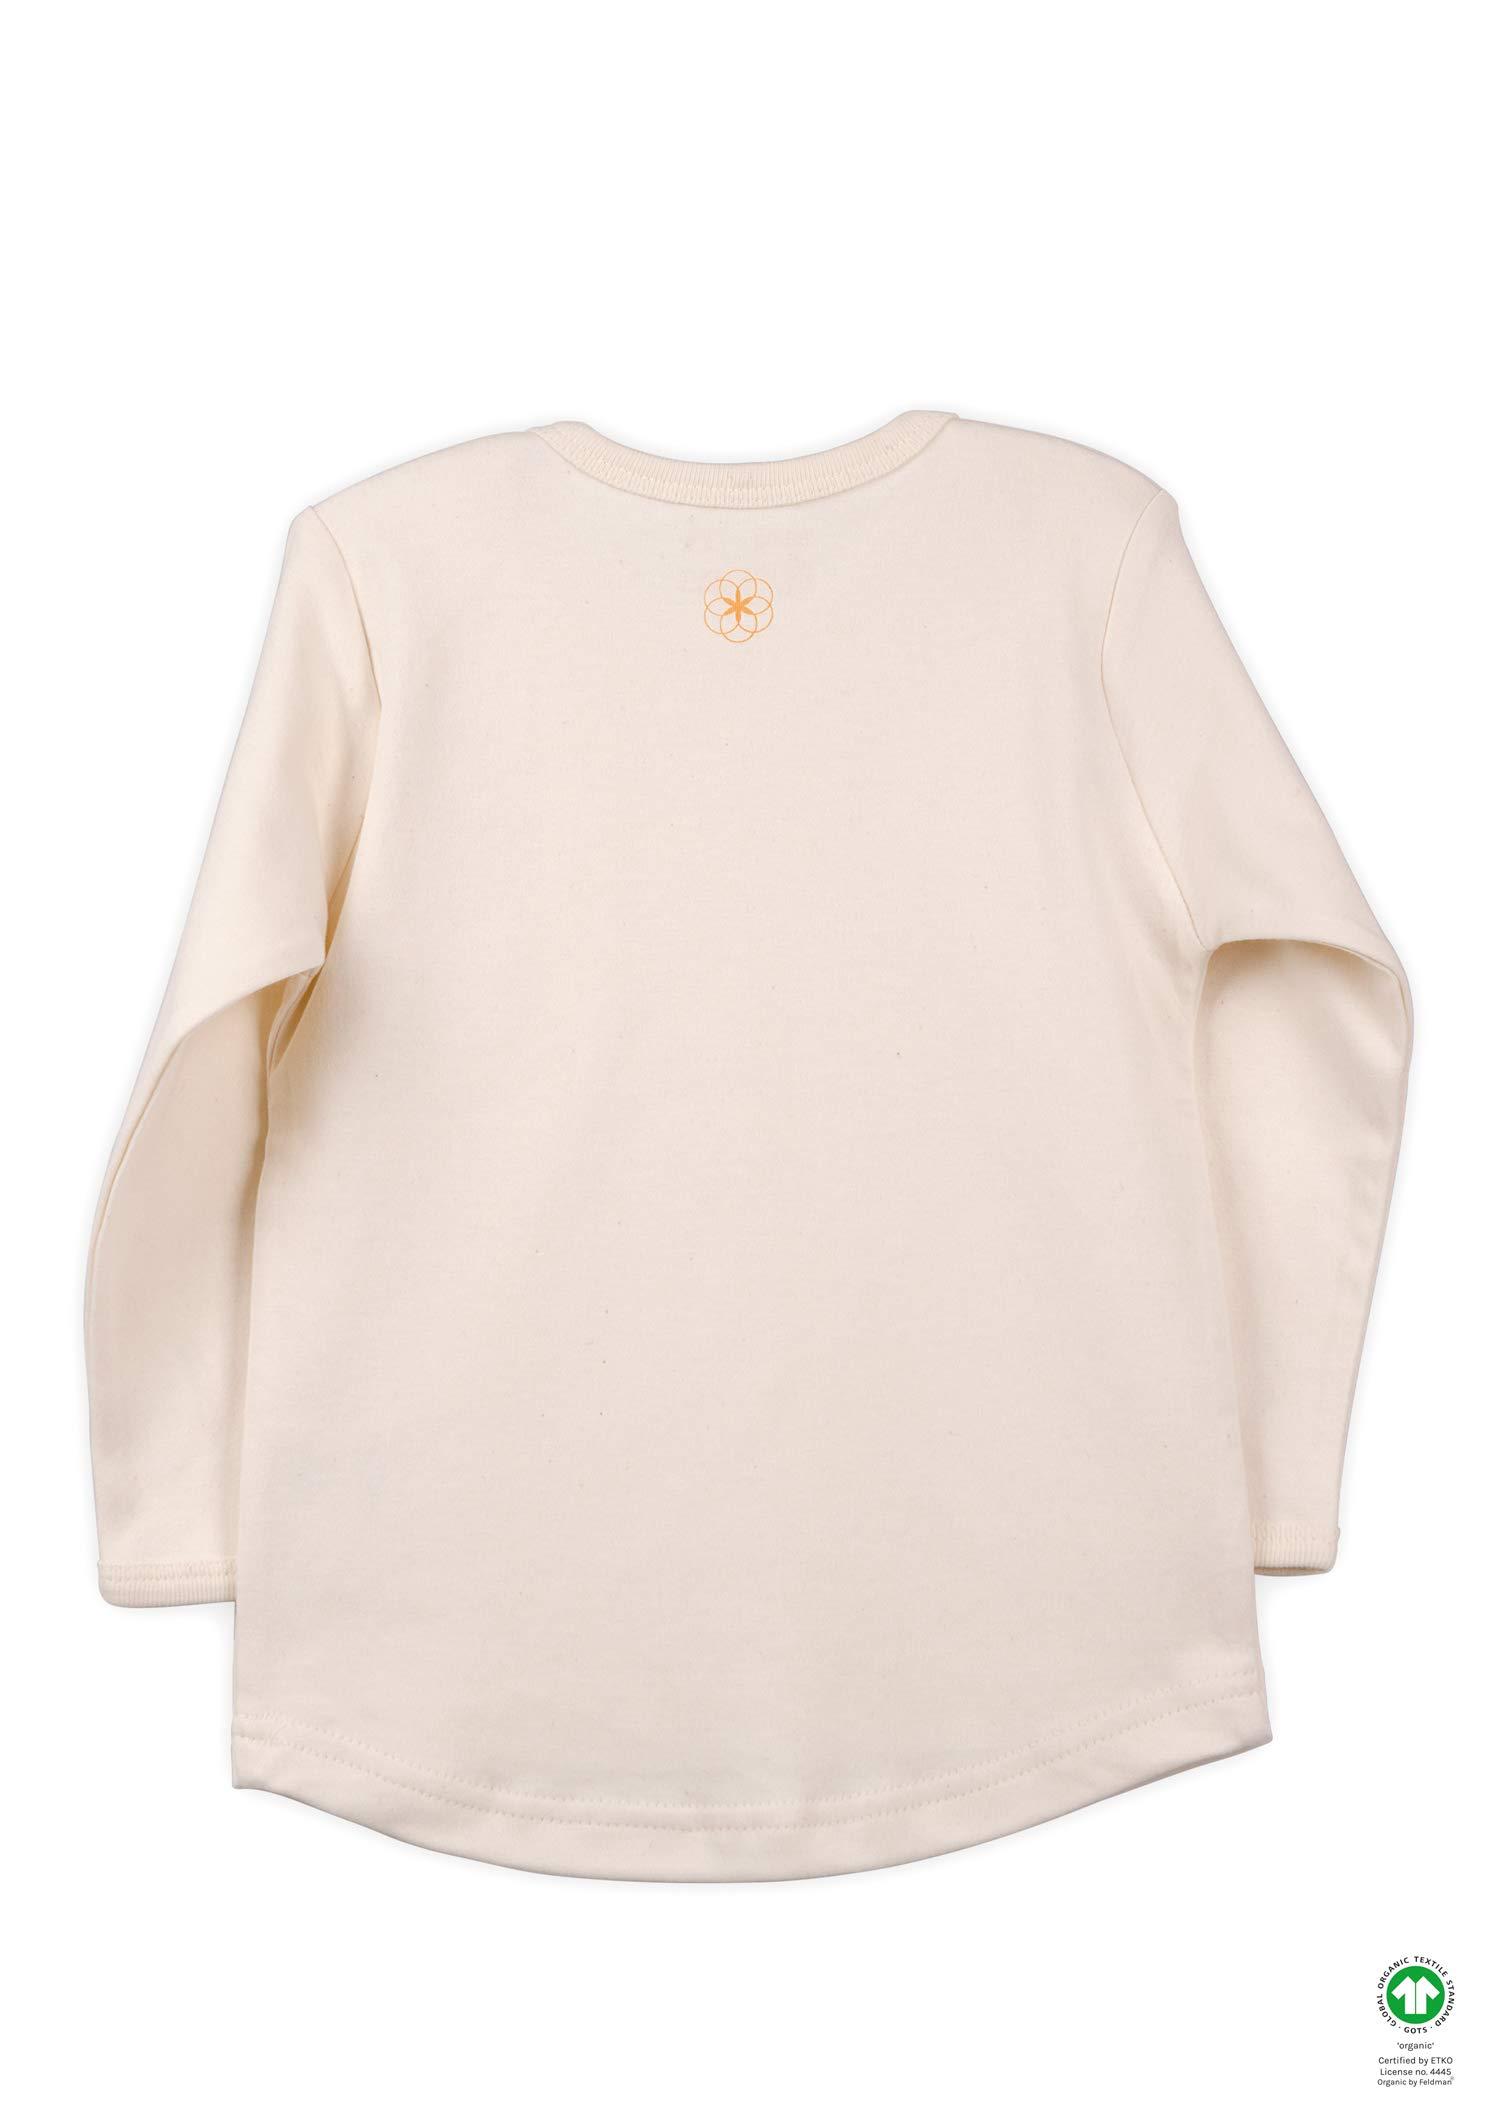 Camiseta de manga larga Organic by Feldman, 100% algodón orgánico, certificado GOTS, con cuello elástico, dobladillo… 2